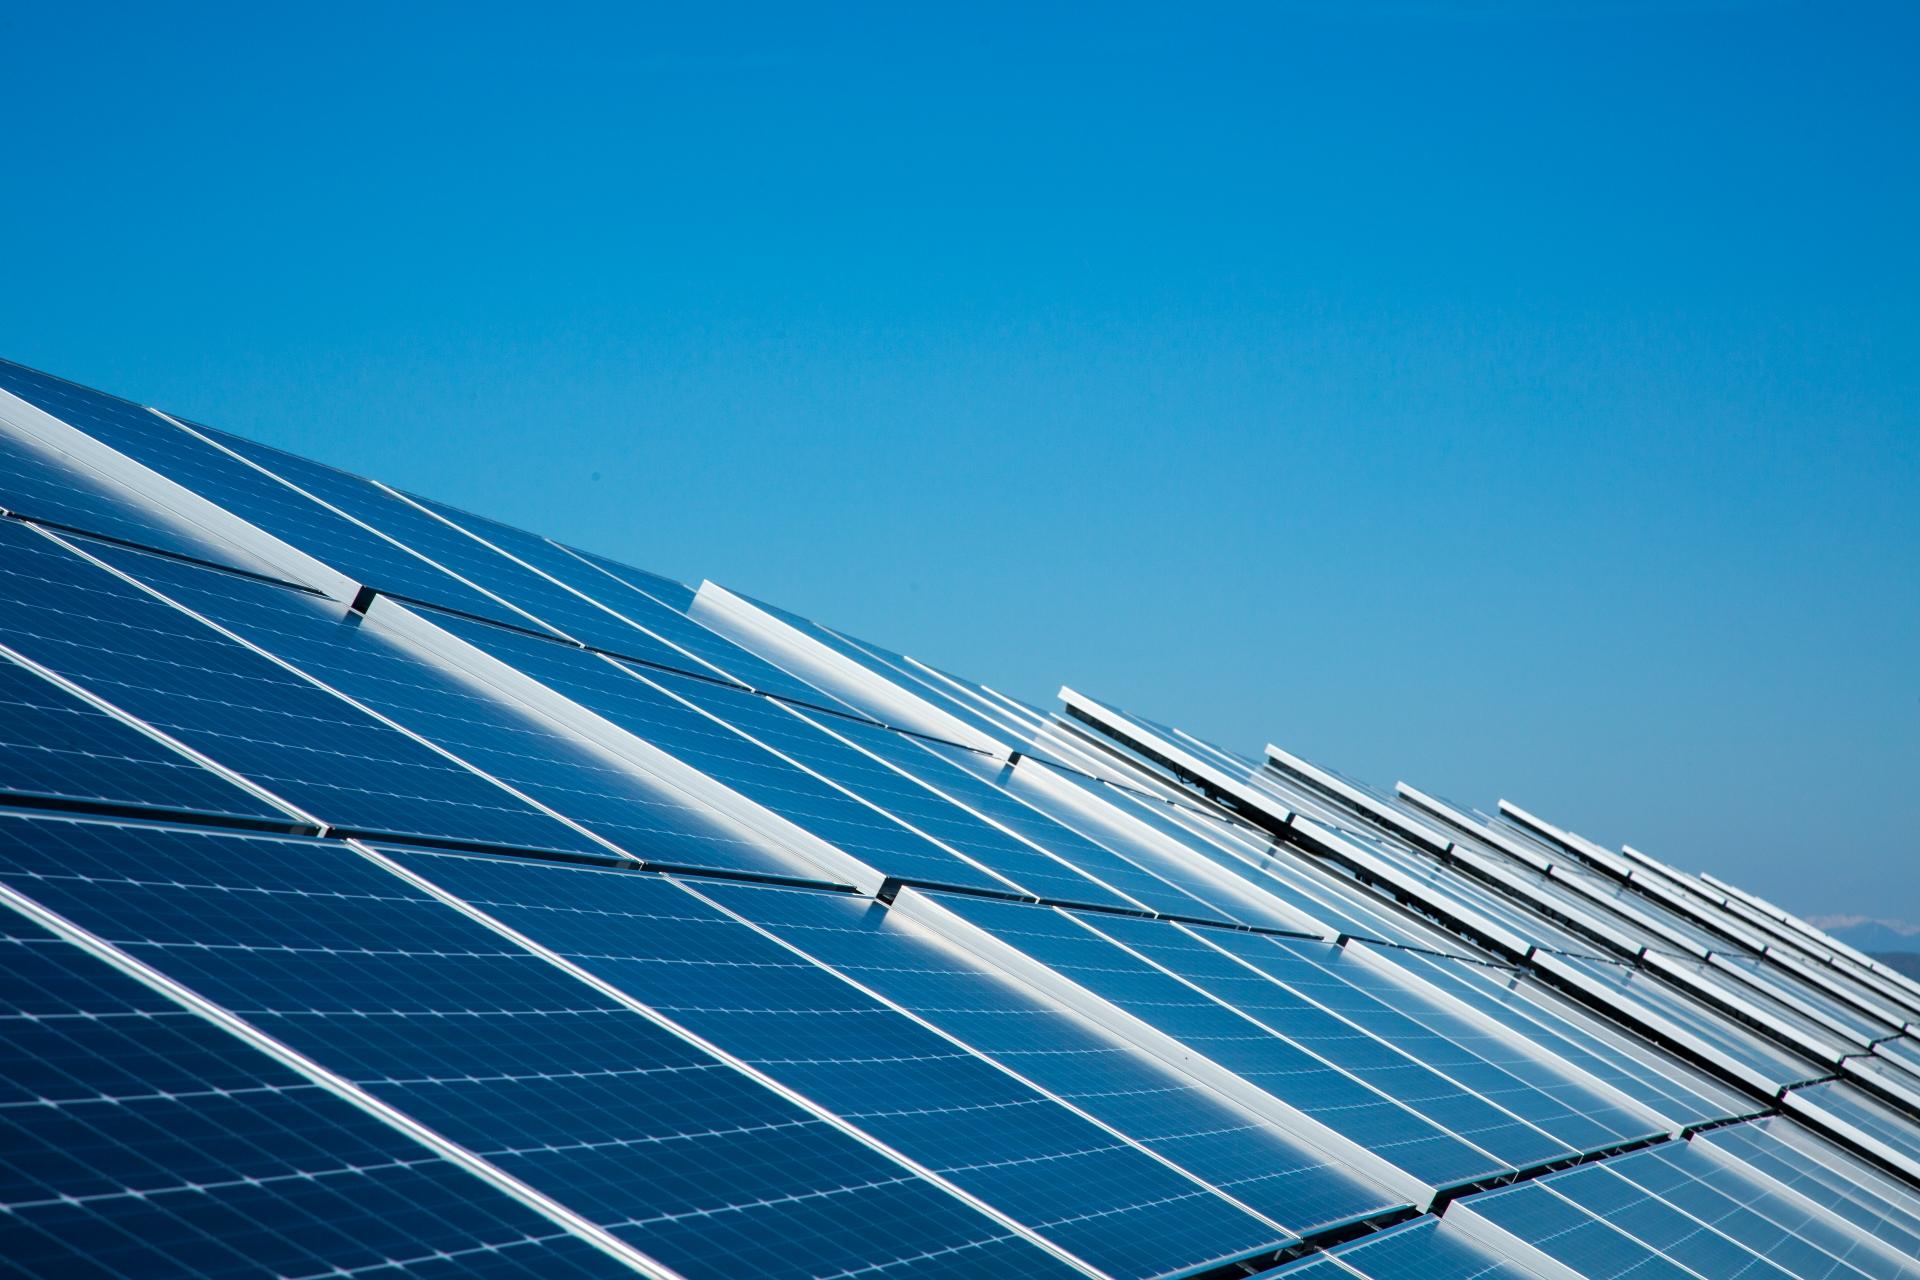 ソーラーパネル洗浄サービス